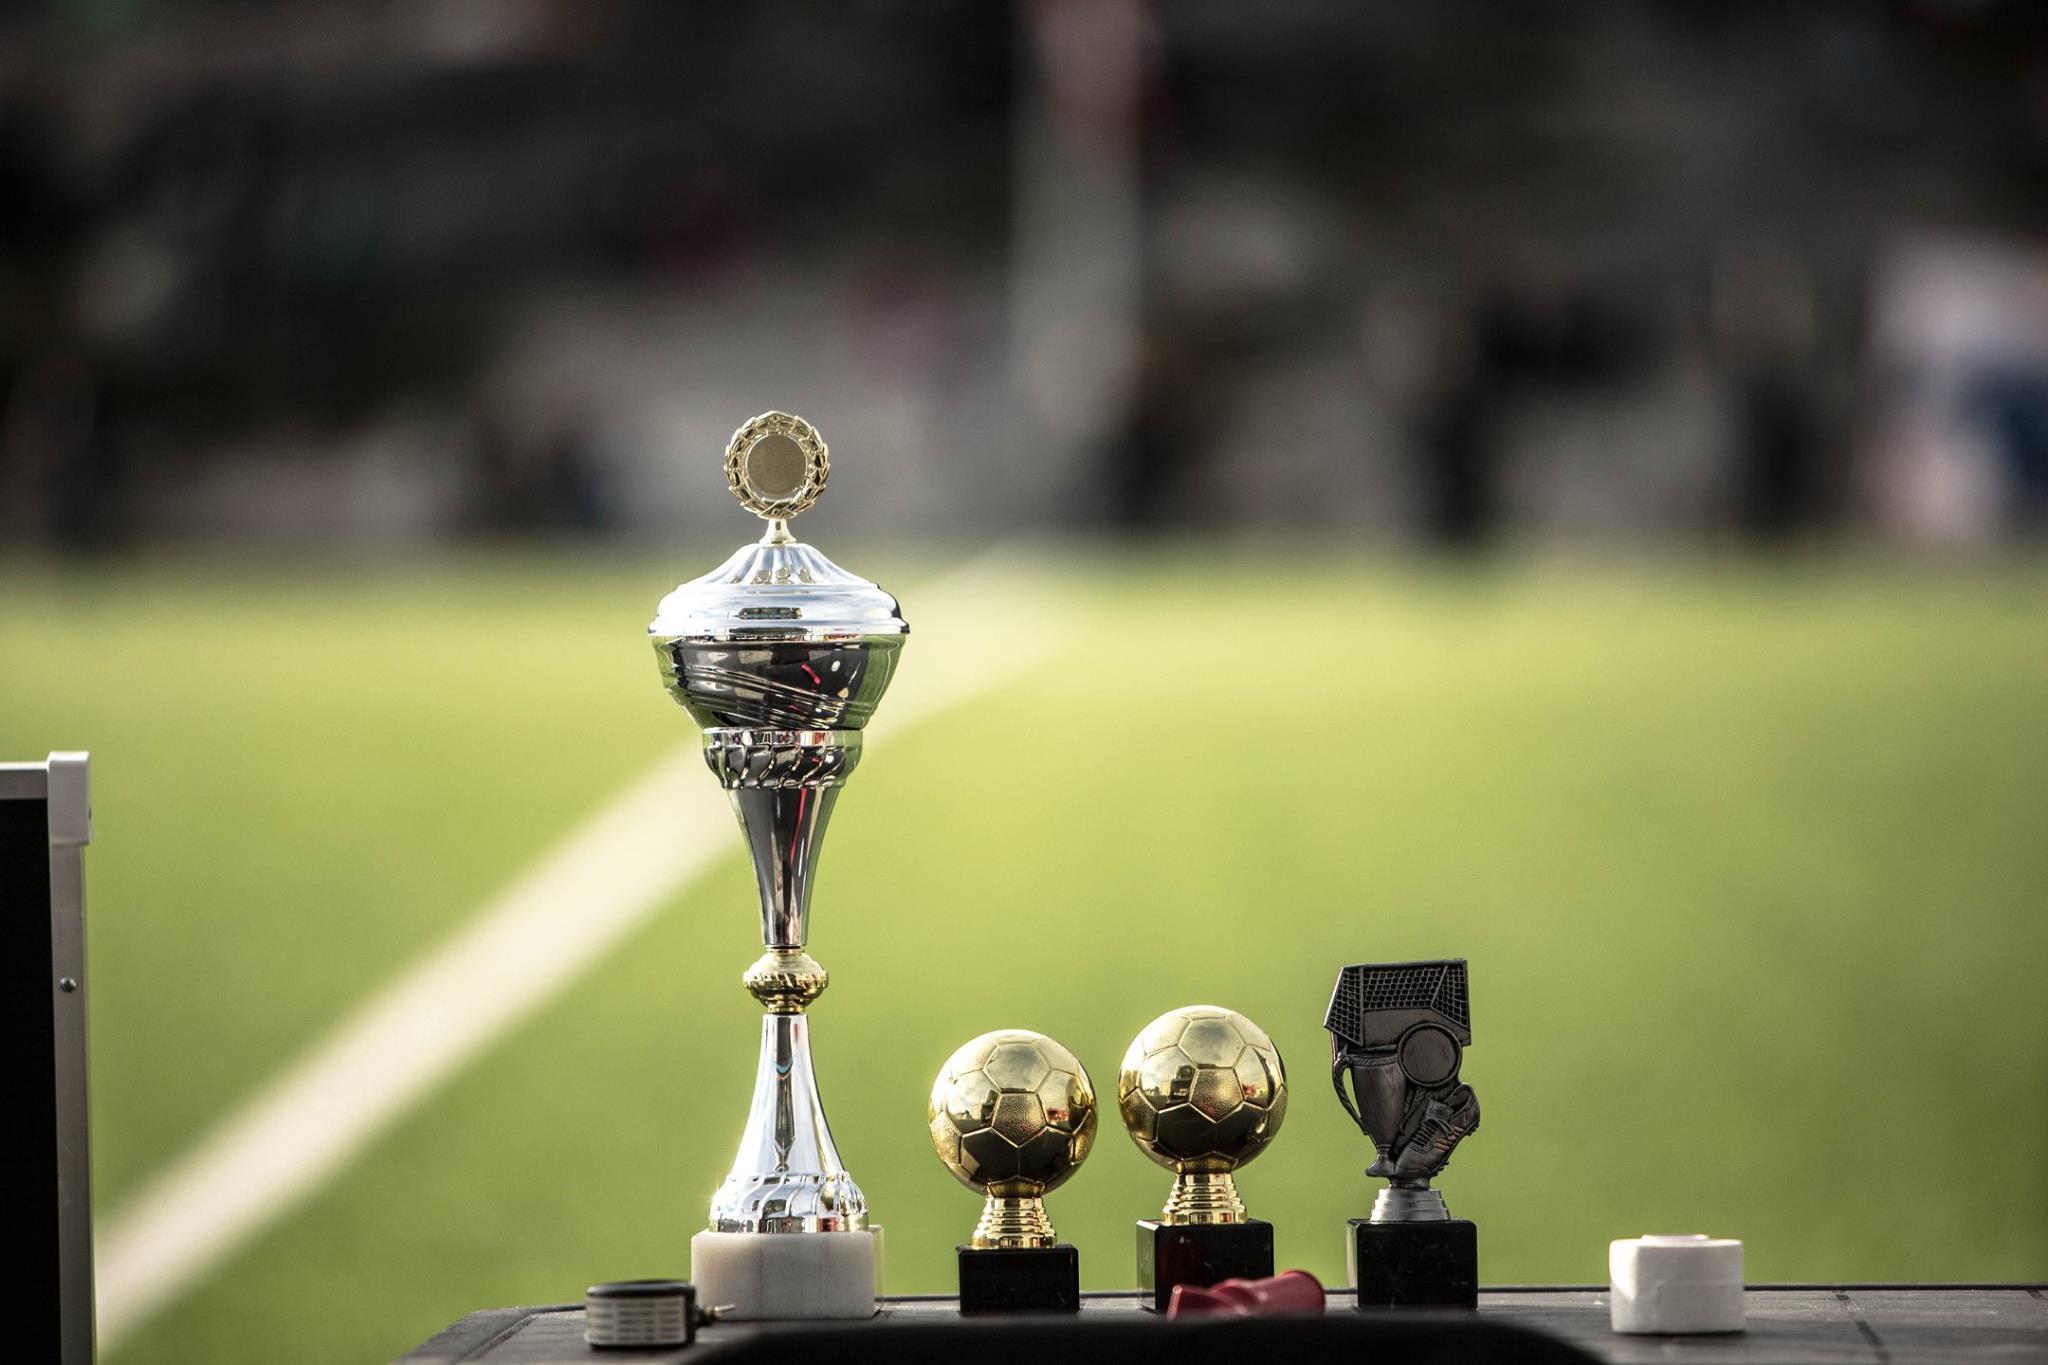 Самое короткое футбольное соревнование в мире: в Гренландии сезон длится одну неделю (+Фото, Видео) - изображение 7